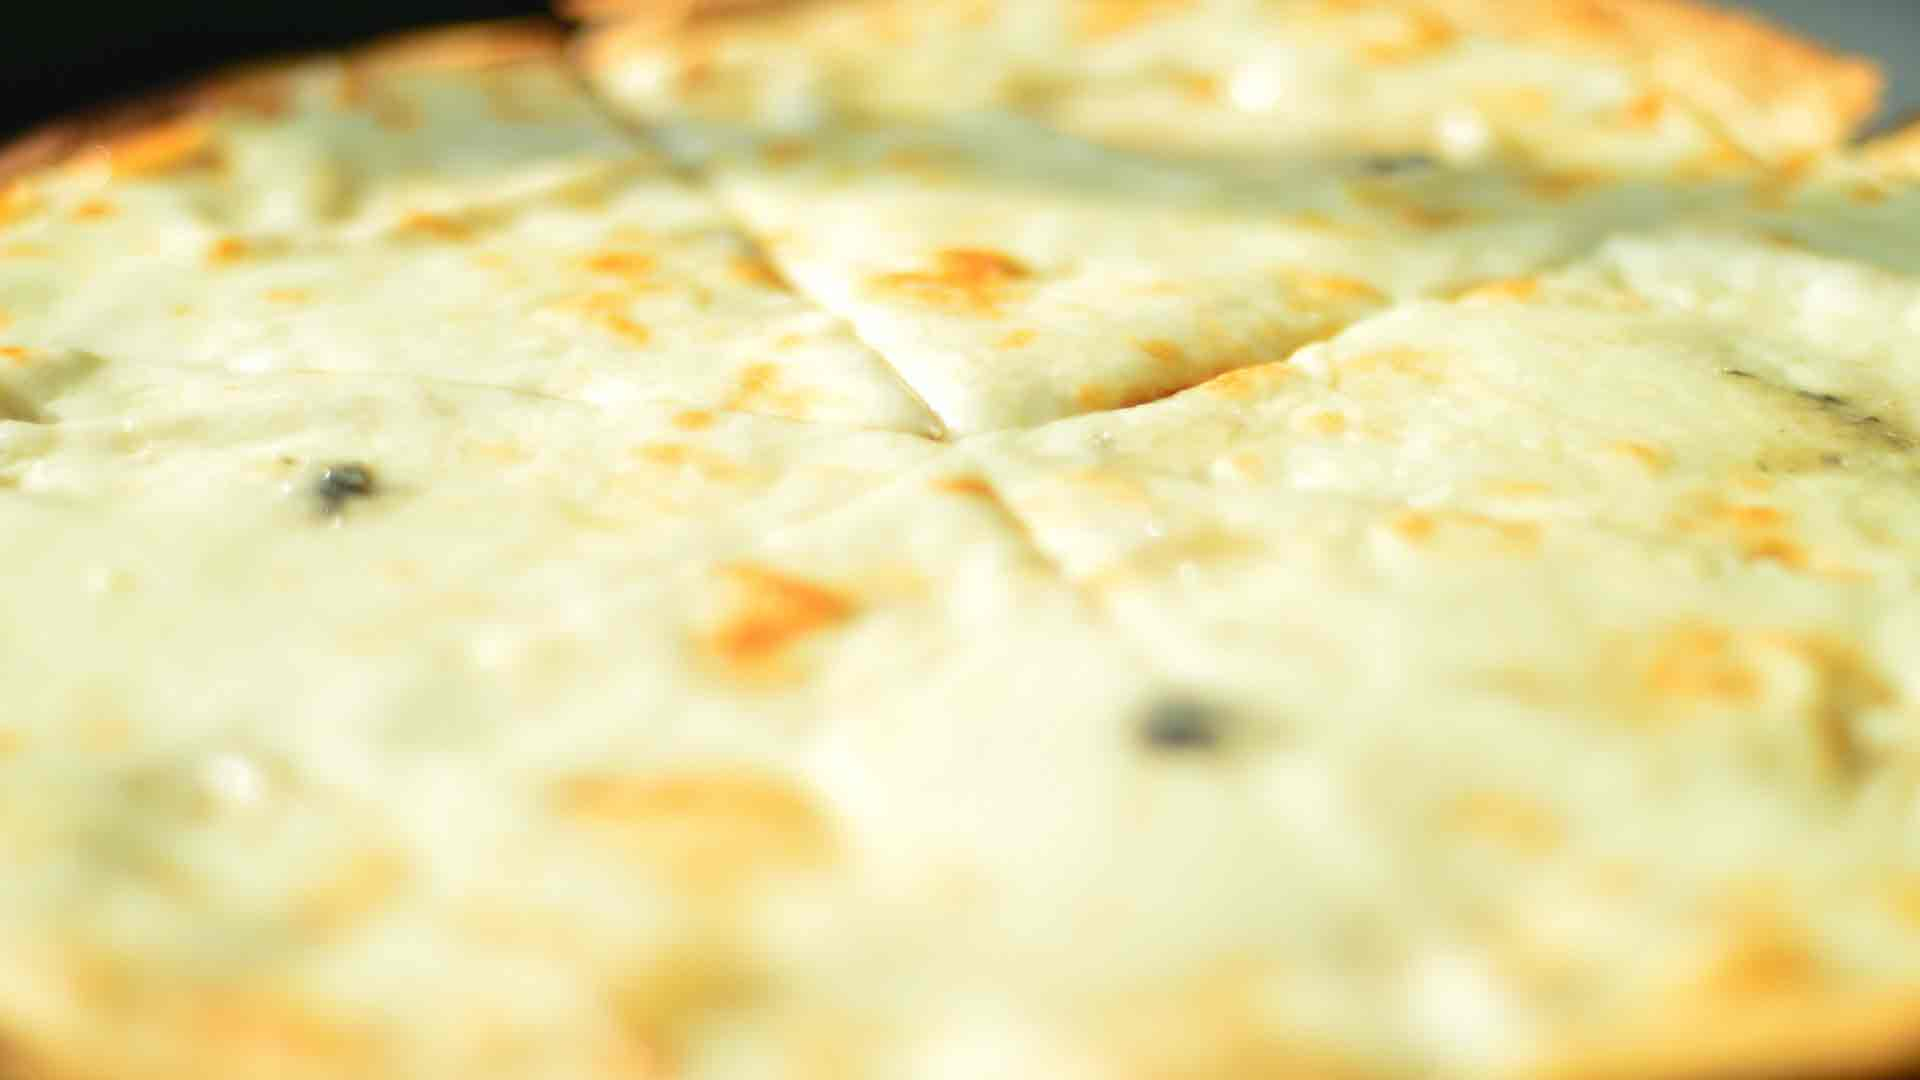 El-queso-y-otros-alimentos-que-pueden-mejorar-tu-humor-1920